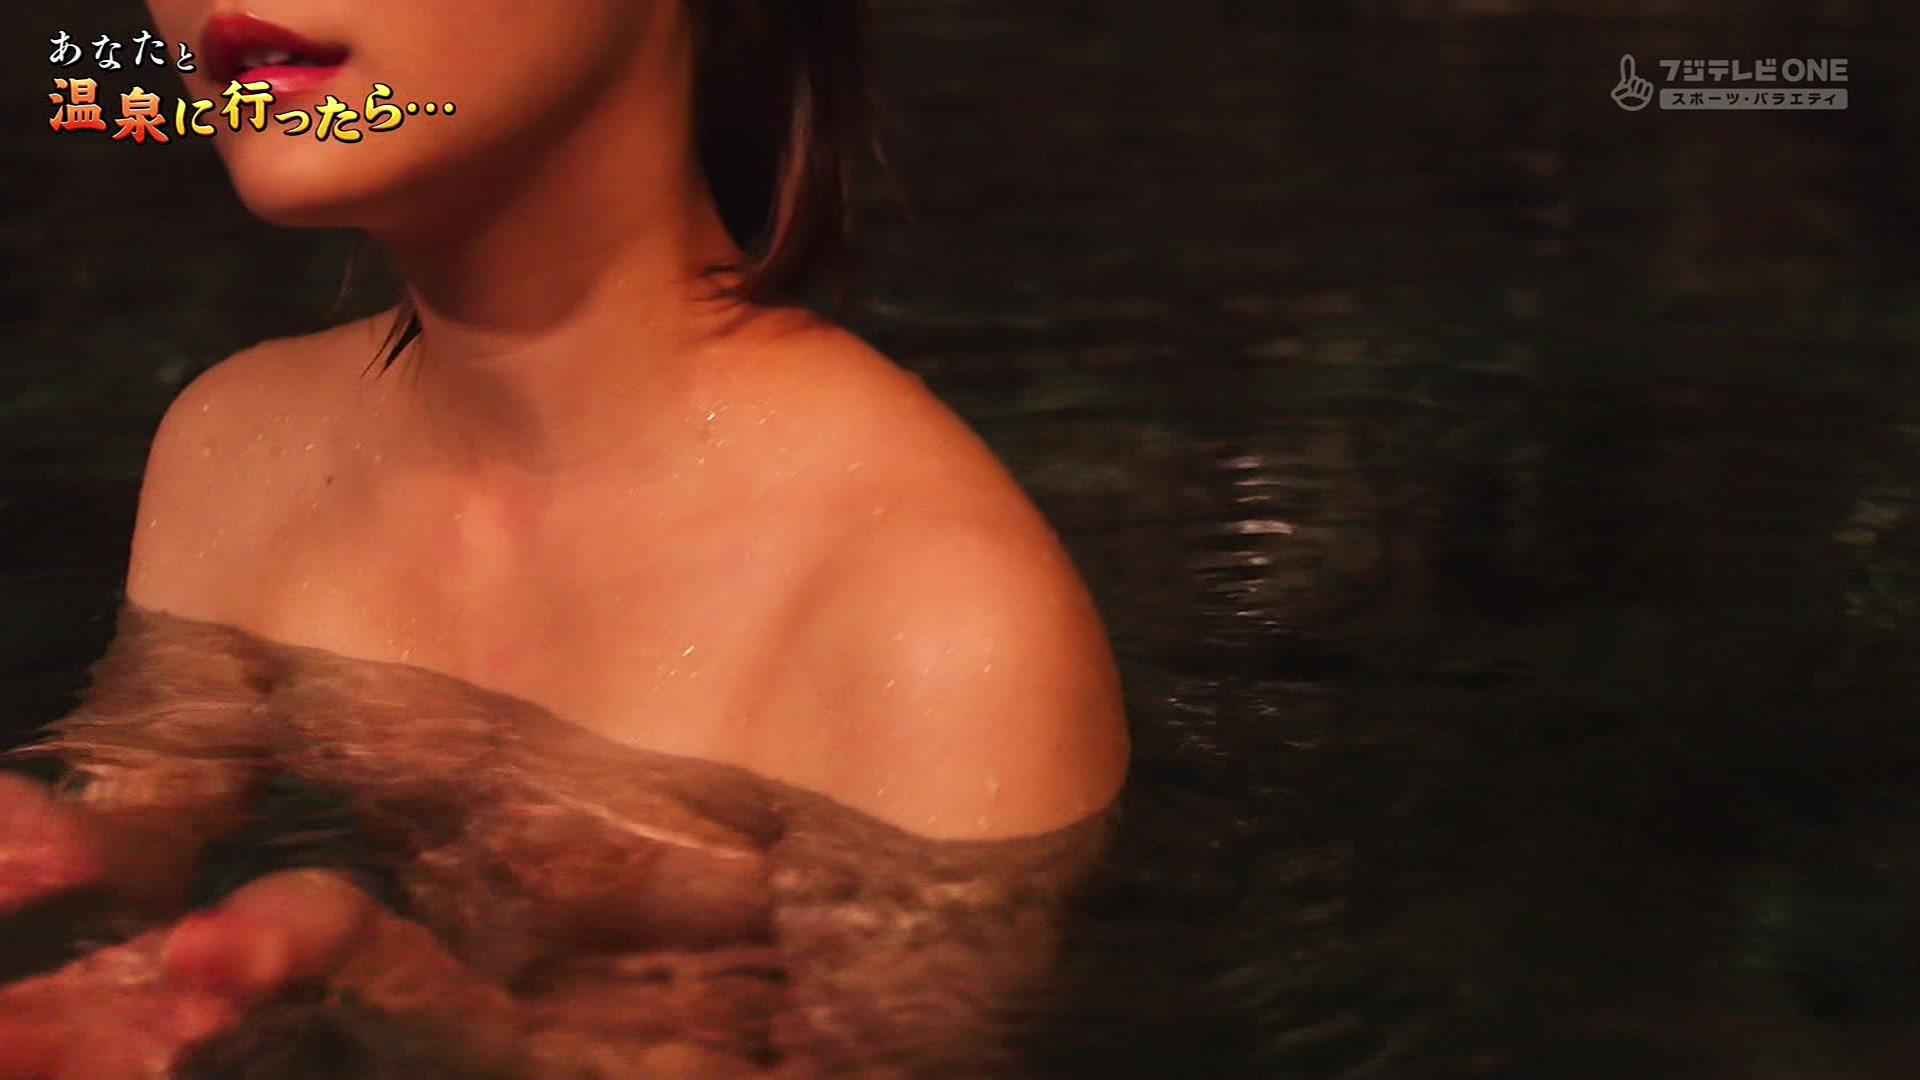 CSフジテレビONEで放送された「あなたと温泉に行ったら」♯2に出演した麻木玲那さんのテレビキャプチャー画像-119